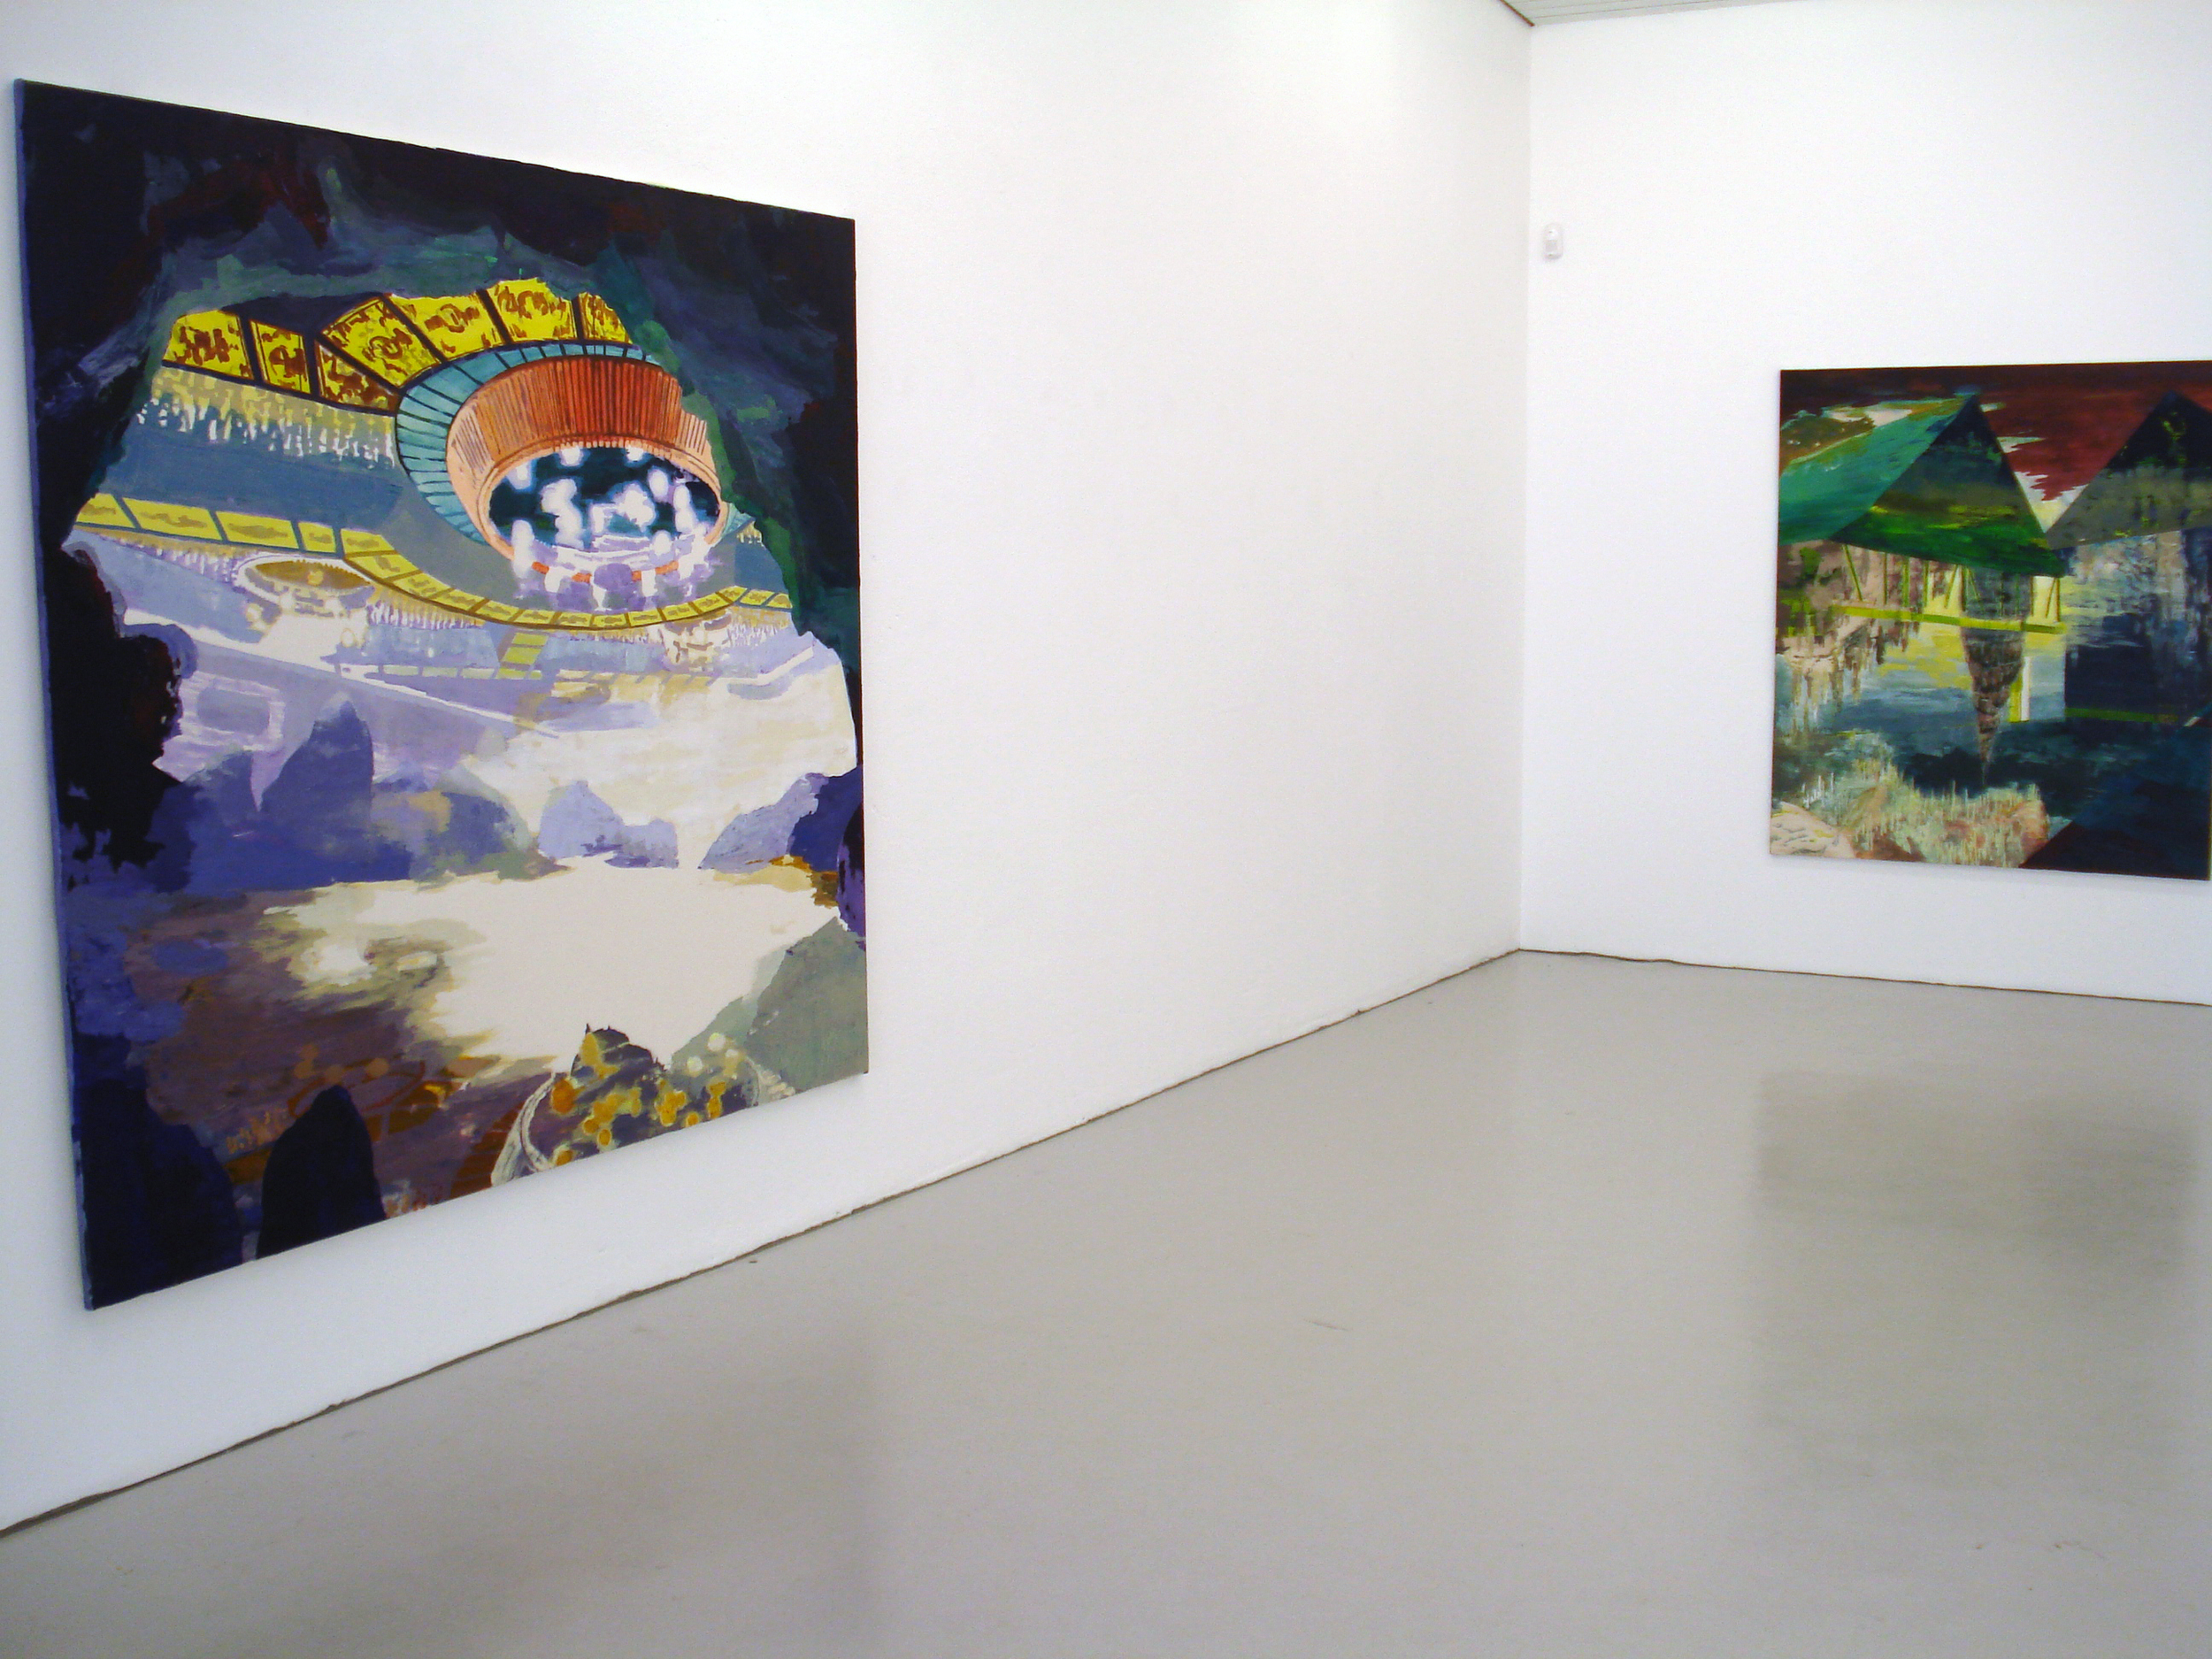 Galerie Thron, 2010, Reutlingen